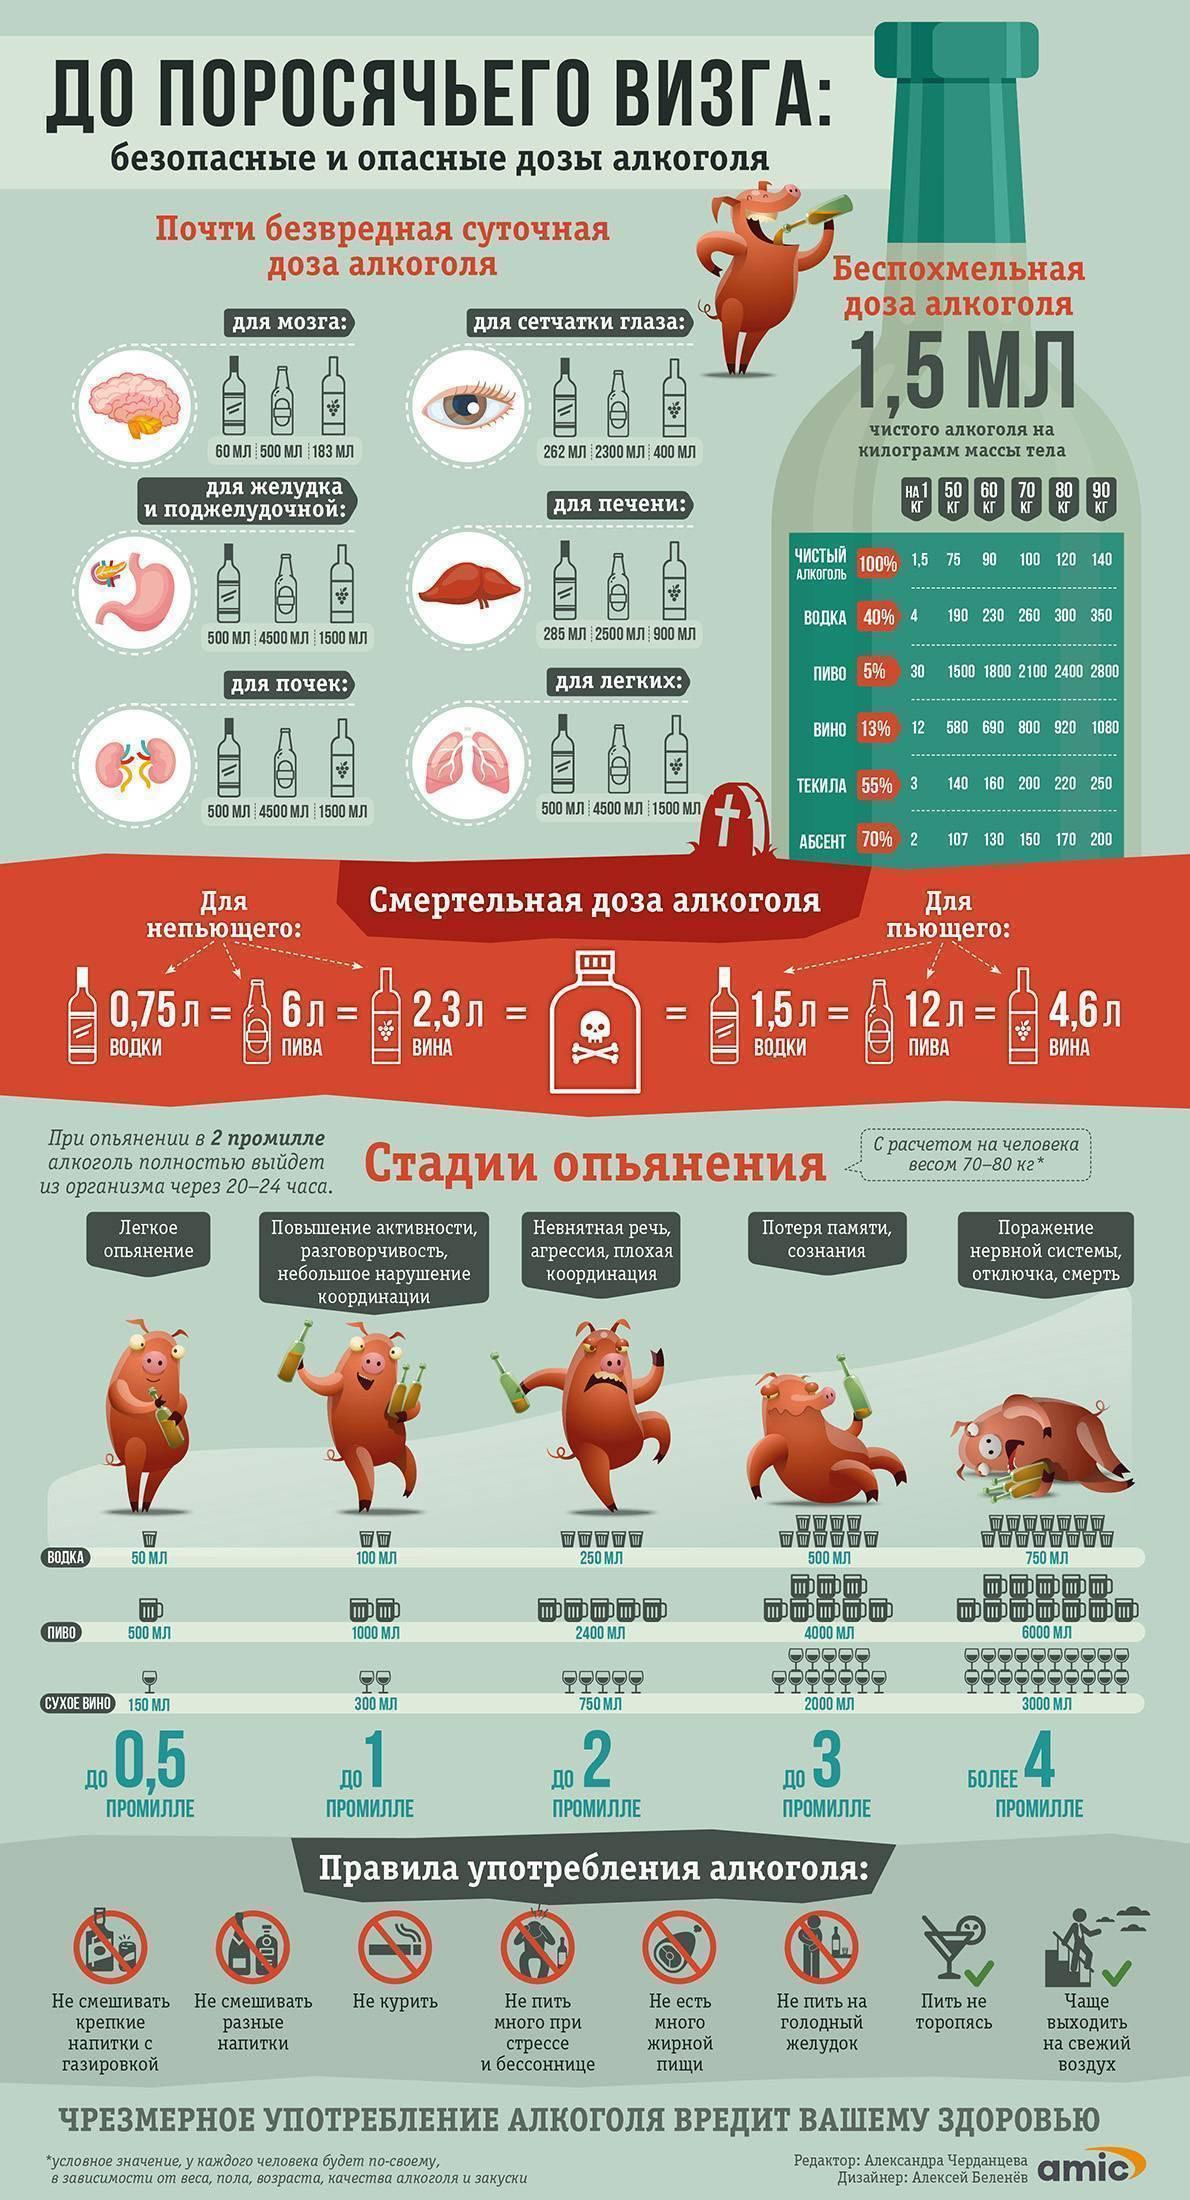 Можно ли употреблять алкоголь при варикозе ног - медицинский портал thai-medicine.ru